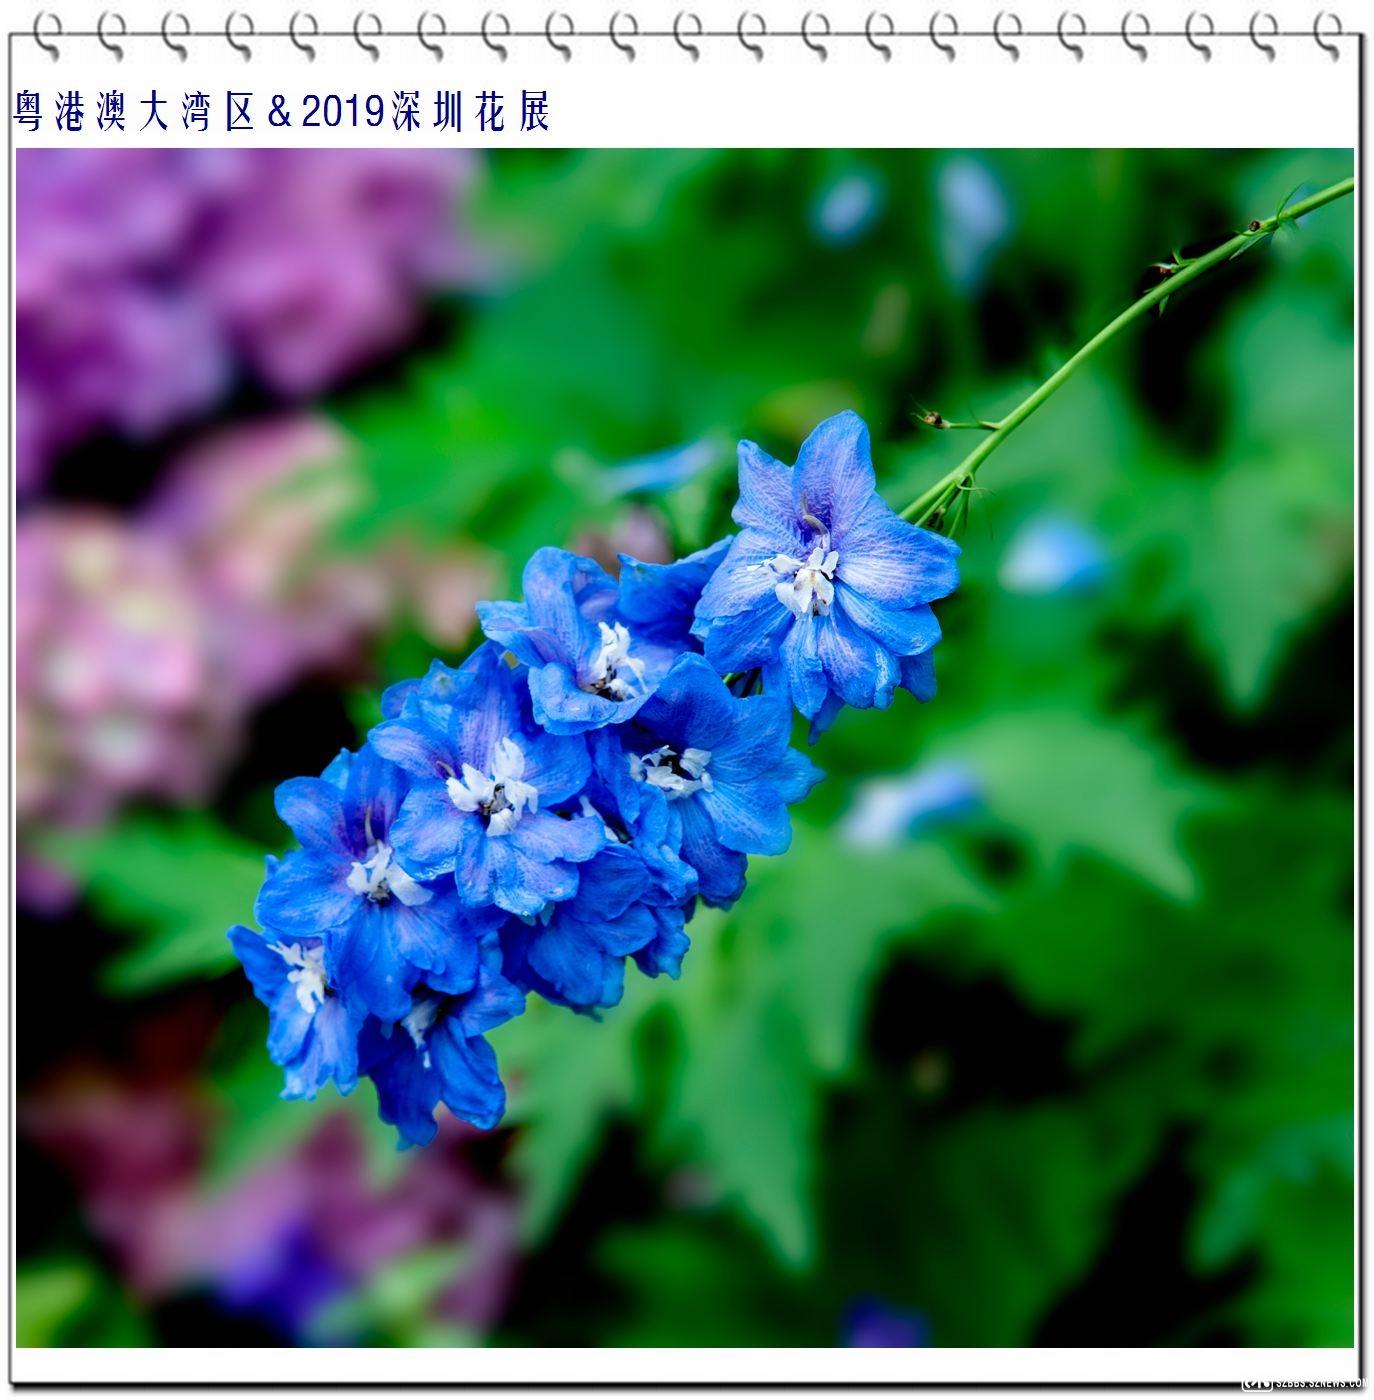 翠雀花 (2).jpg